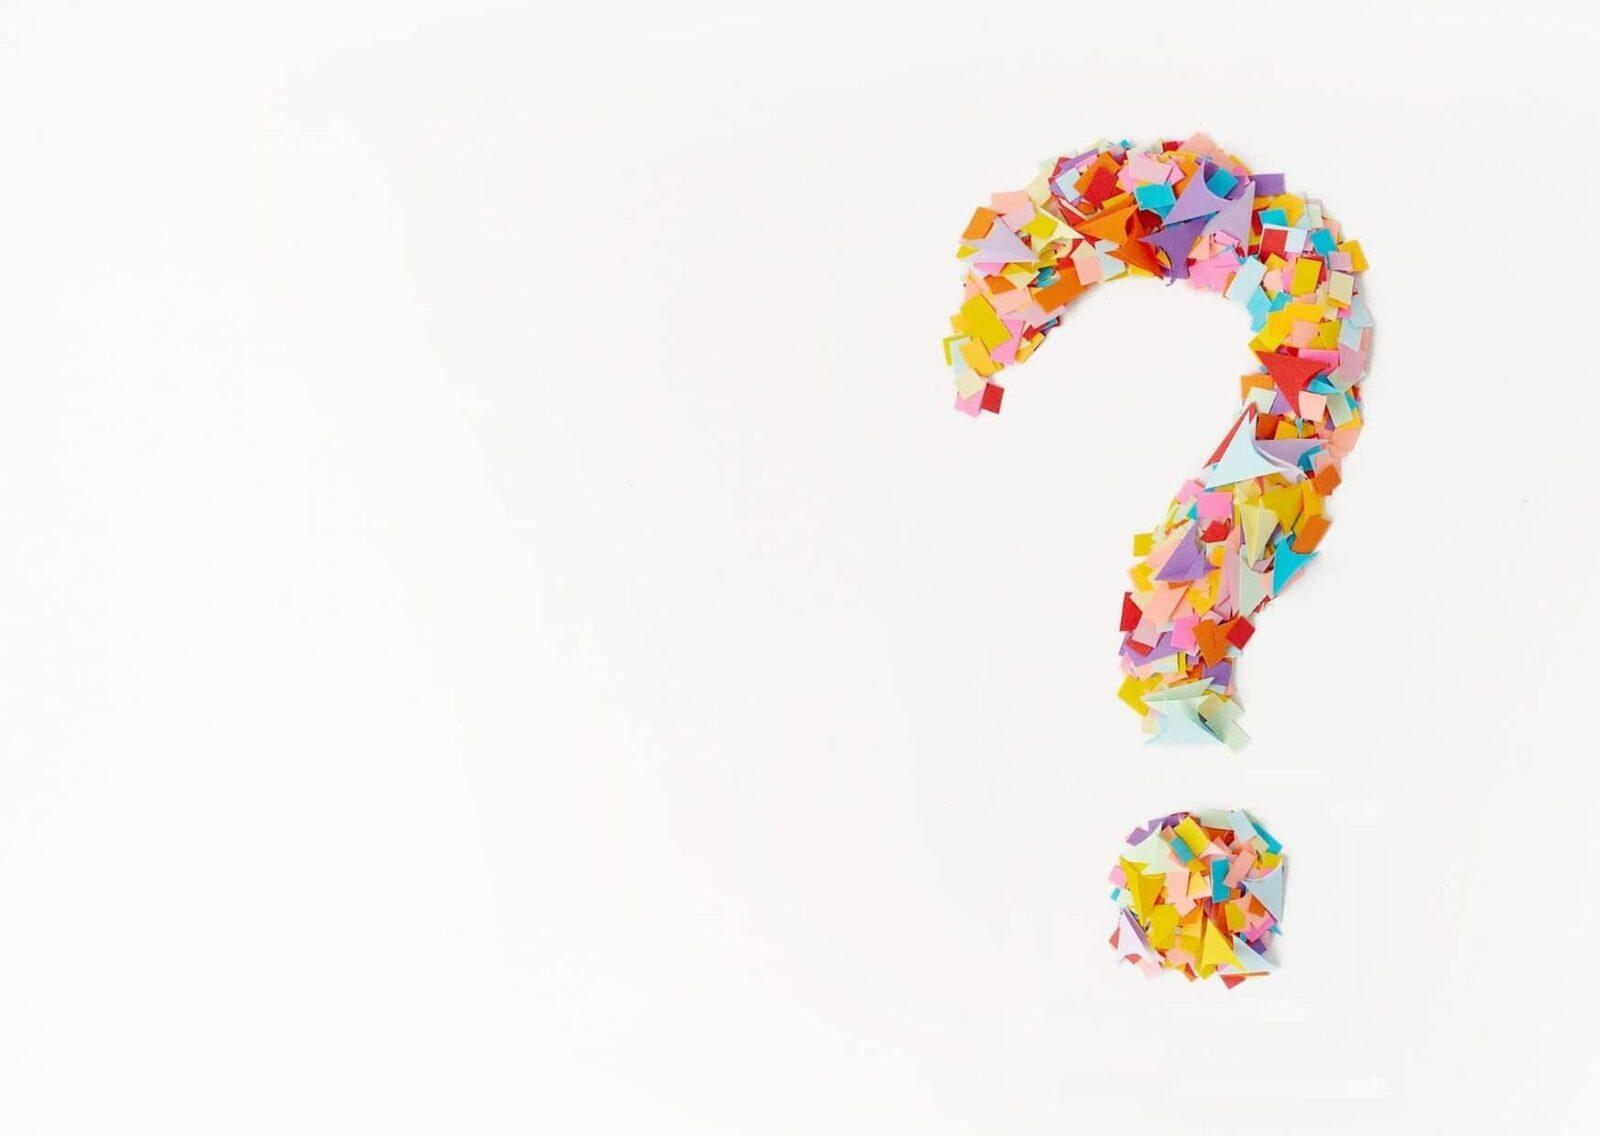 Психолог, психиатр или коуч: в чём разница и к кому идти? Разбираемся в отличиях